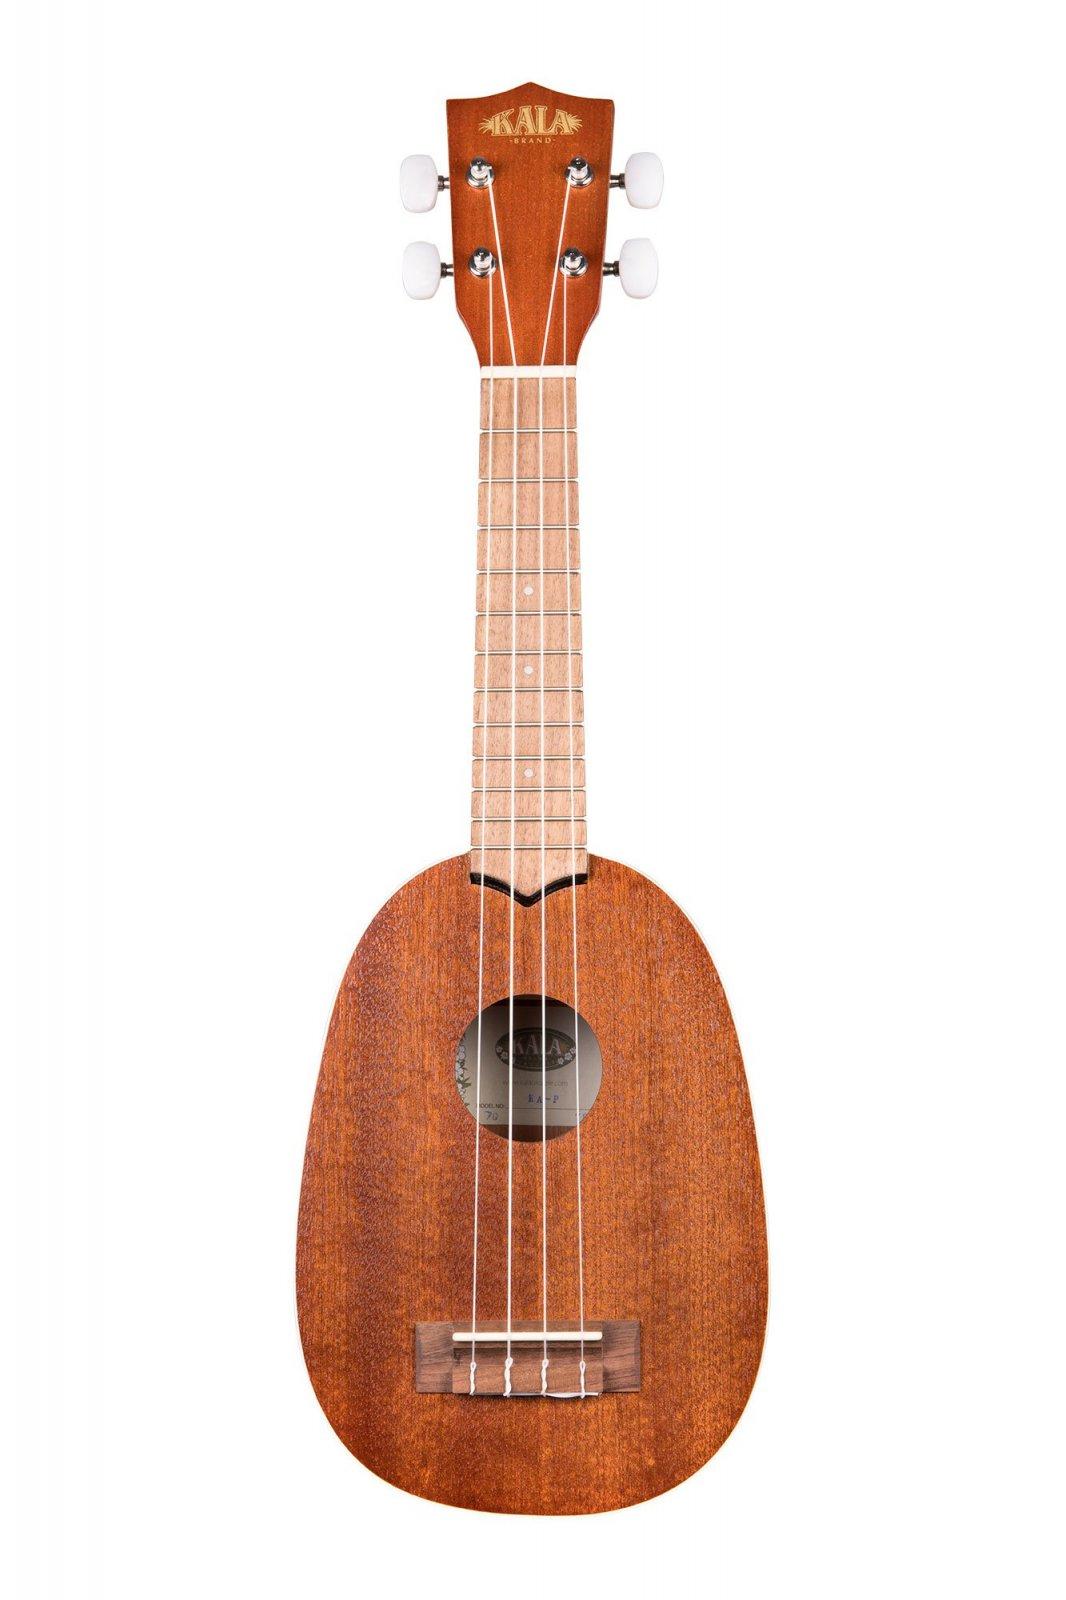 Kala KA-P Soprano Mahogany Pineapple Ukulele